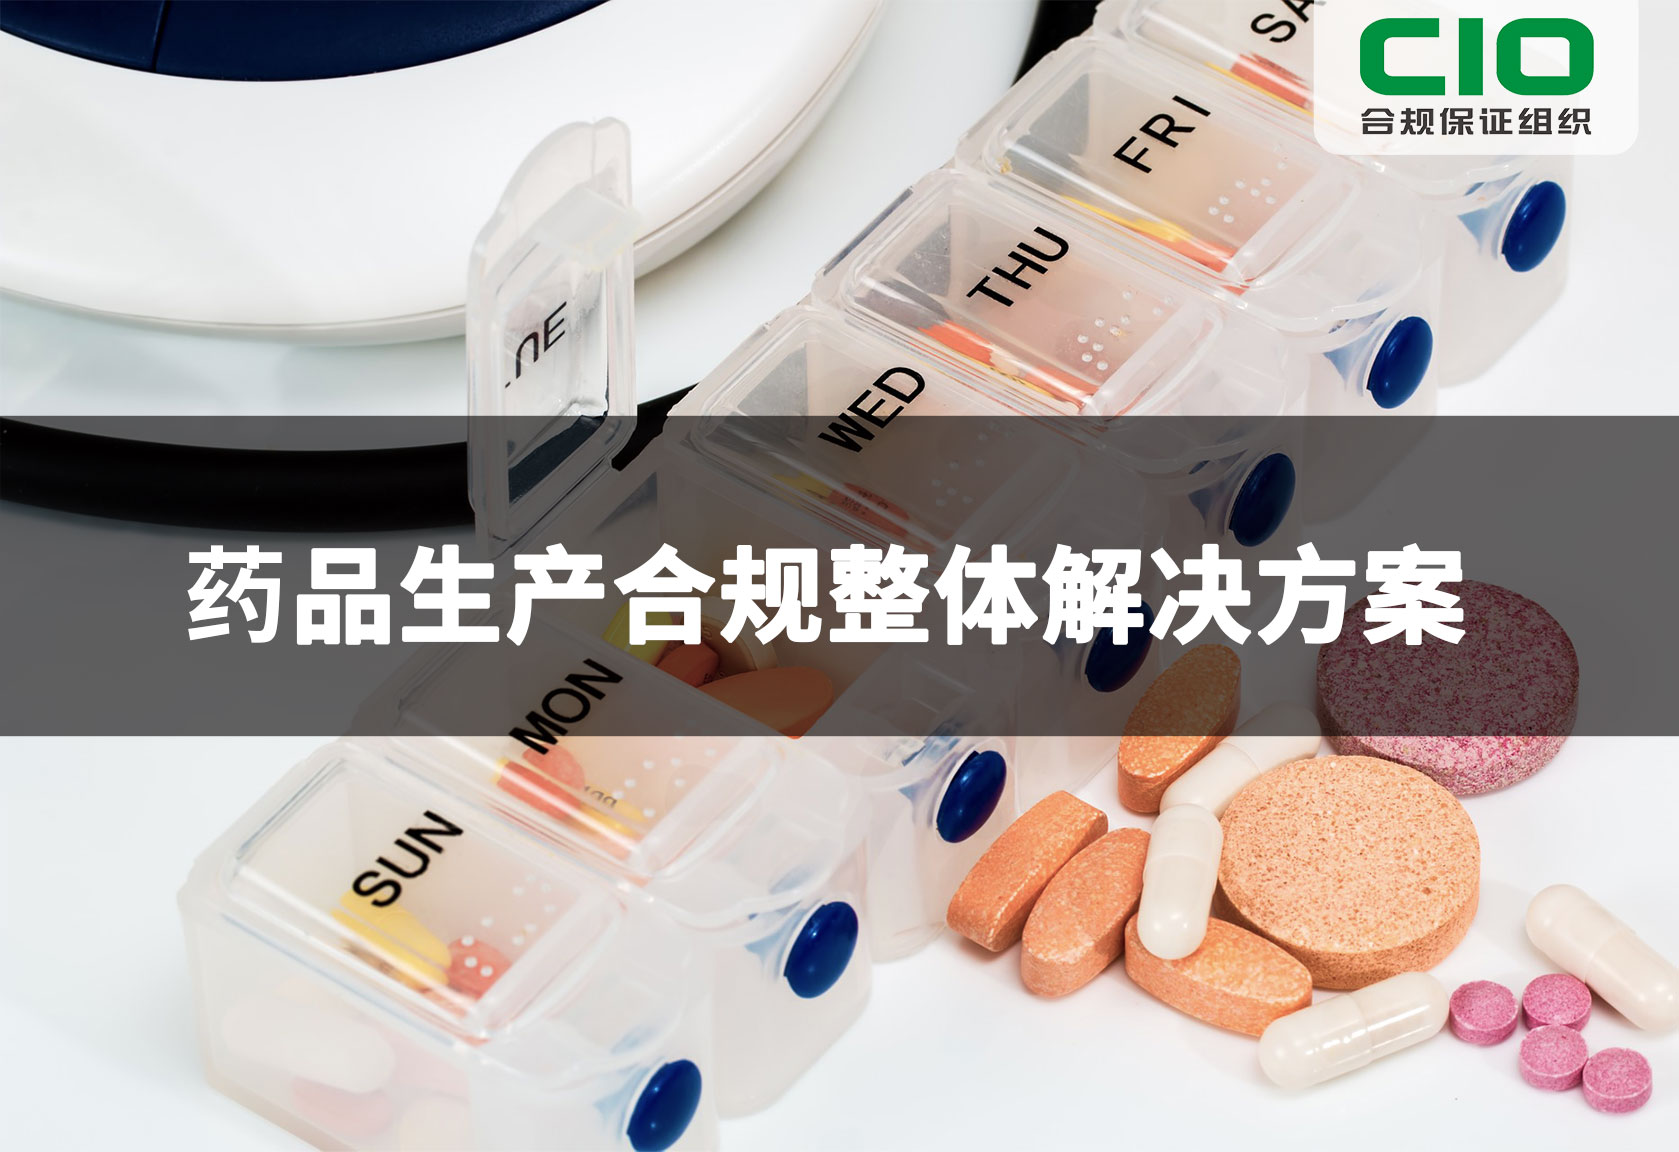 药品生产合规整体解决方案(筹建、许可申请及认证)